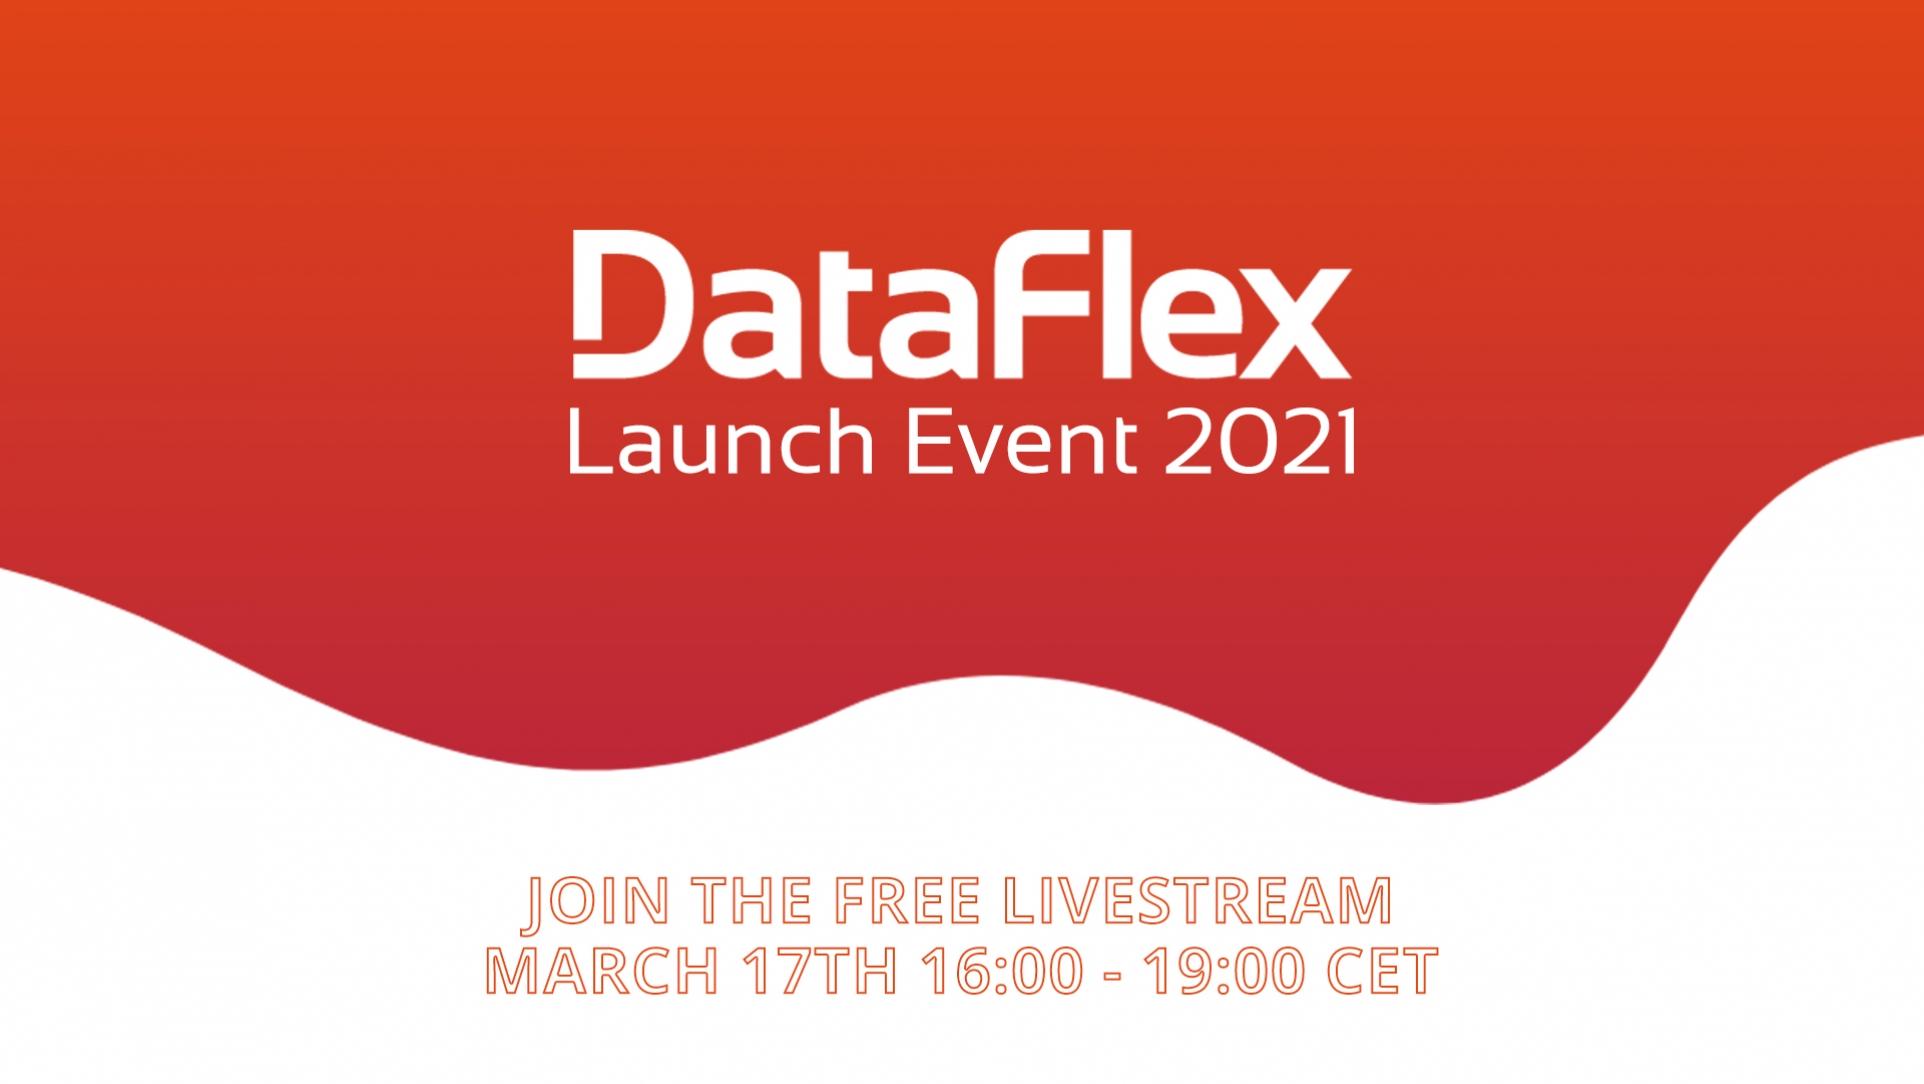 DataFlex 2021 Product Launch Event